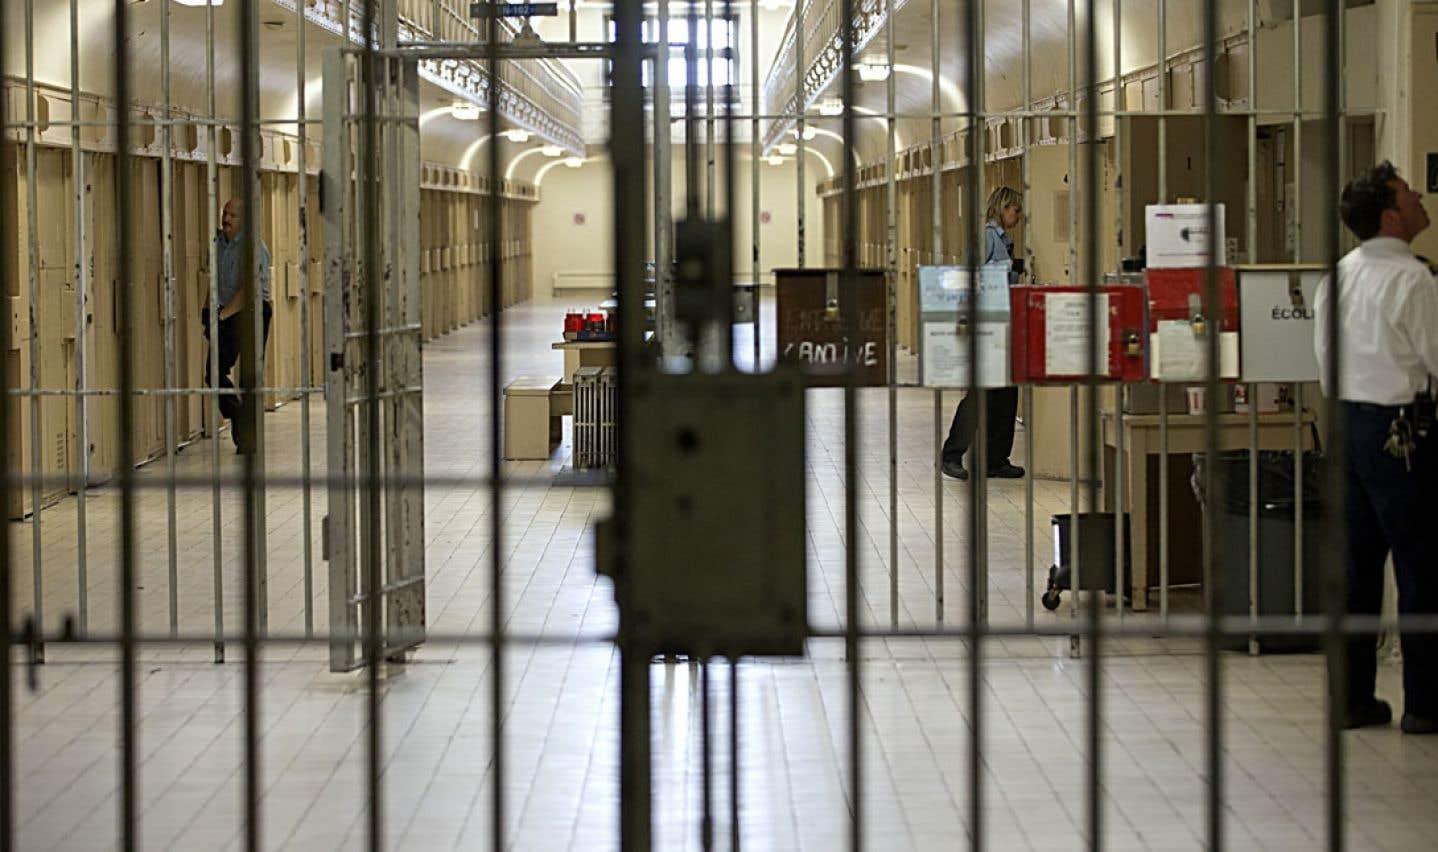 En maitère d'emprisonnement, la France et le Canada sont confrontés à la question des droits de la personne.